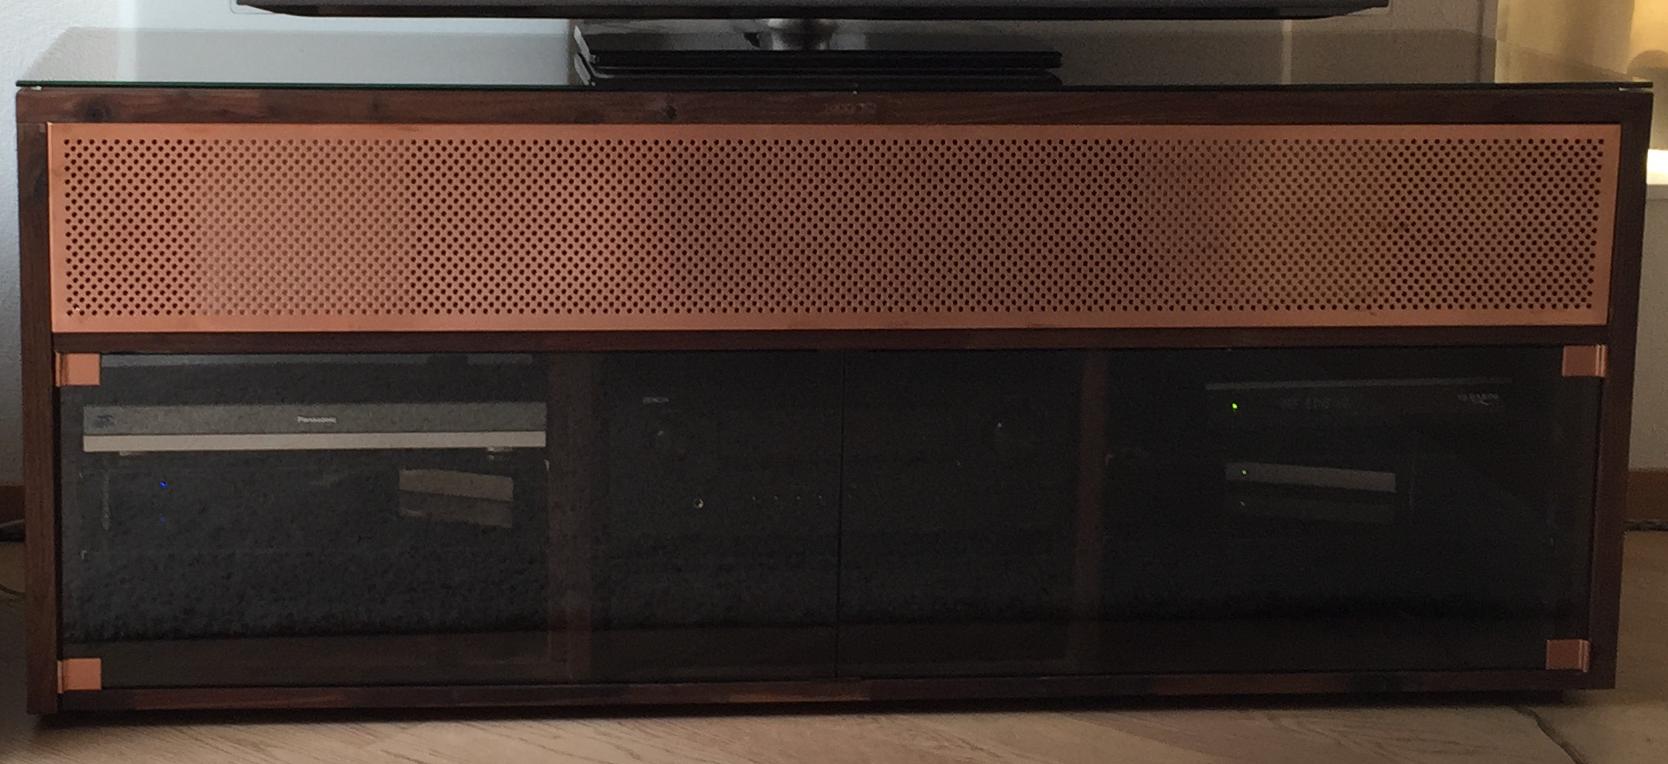 Sideboard nussbaum glas  Kupfer- Nussbaum/Glas Sideboard | centerständer, glas, kupfer ...